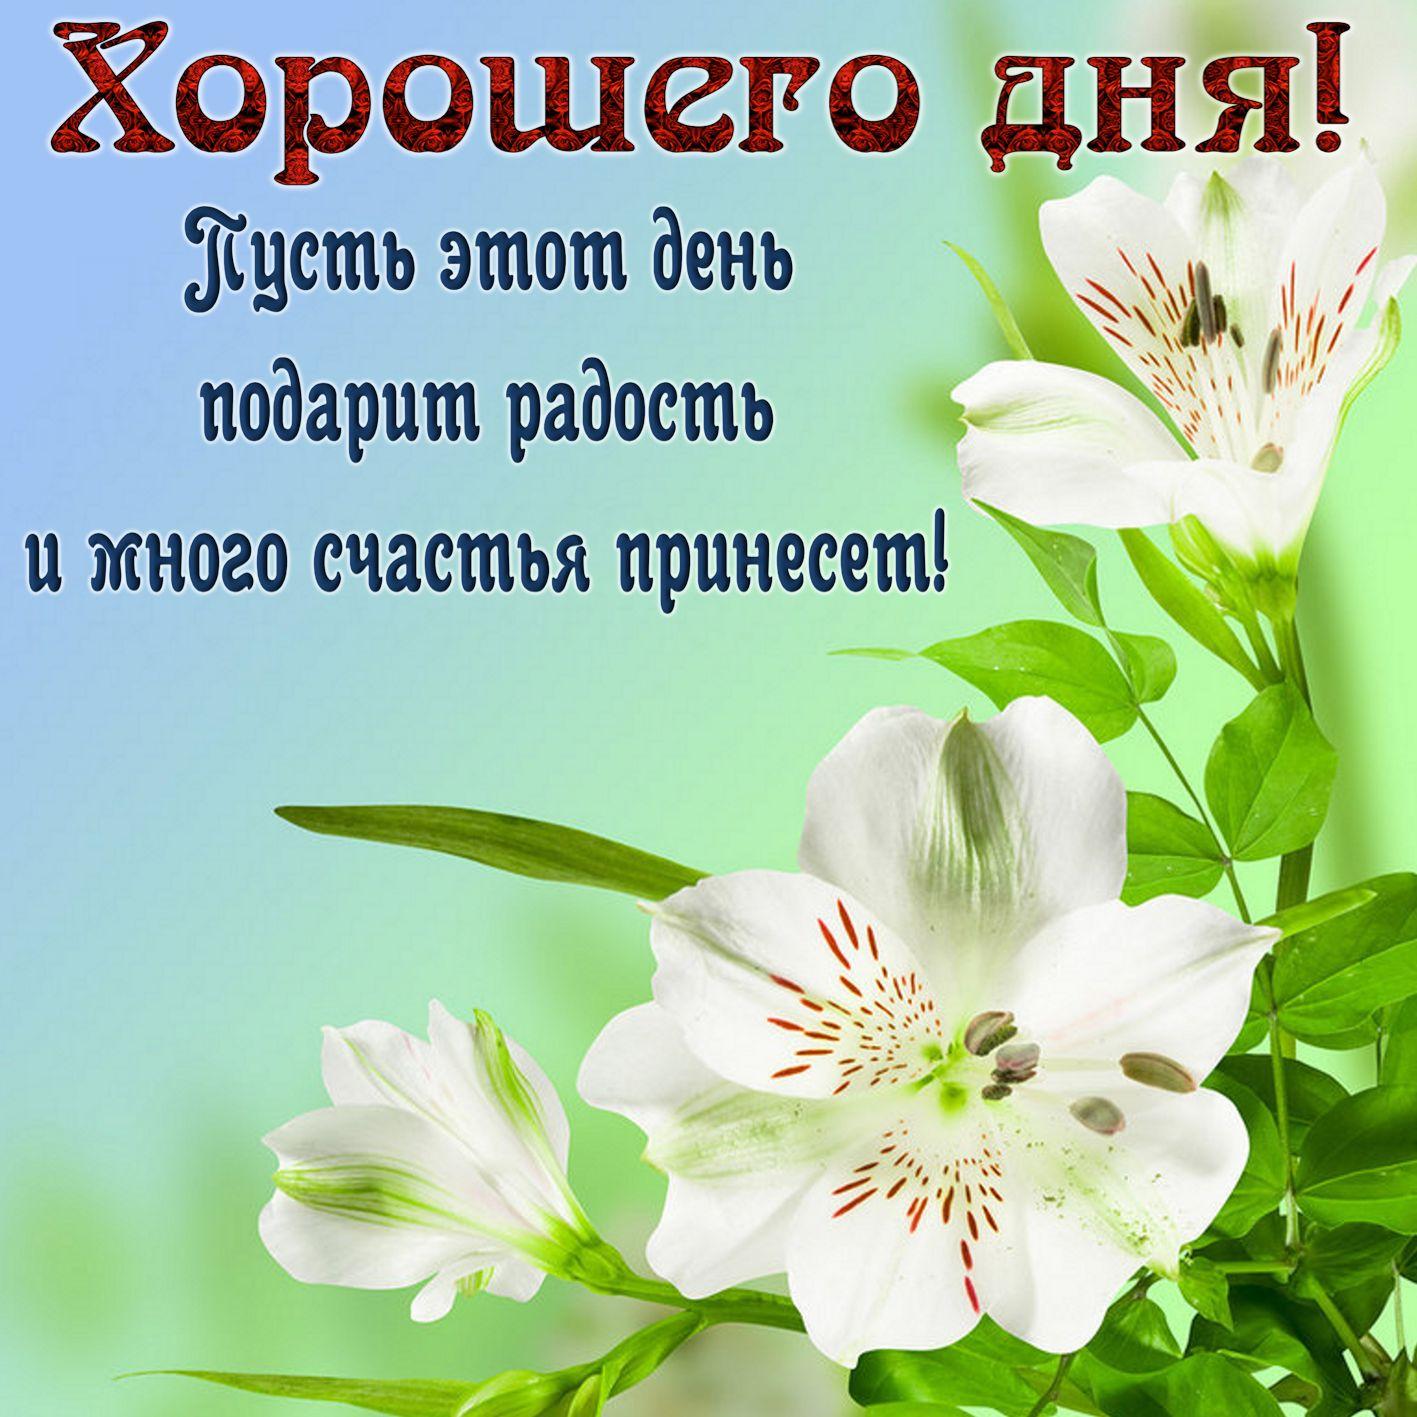 Красочные открытки с пожеланиями доброго дня